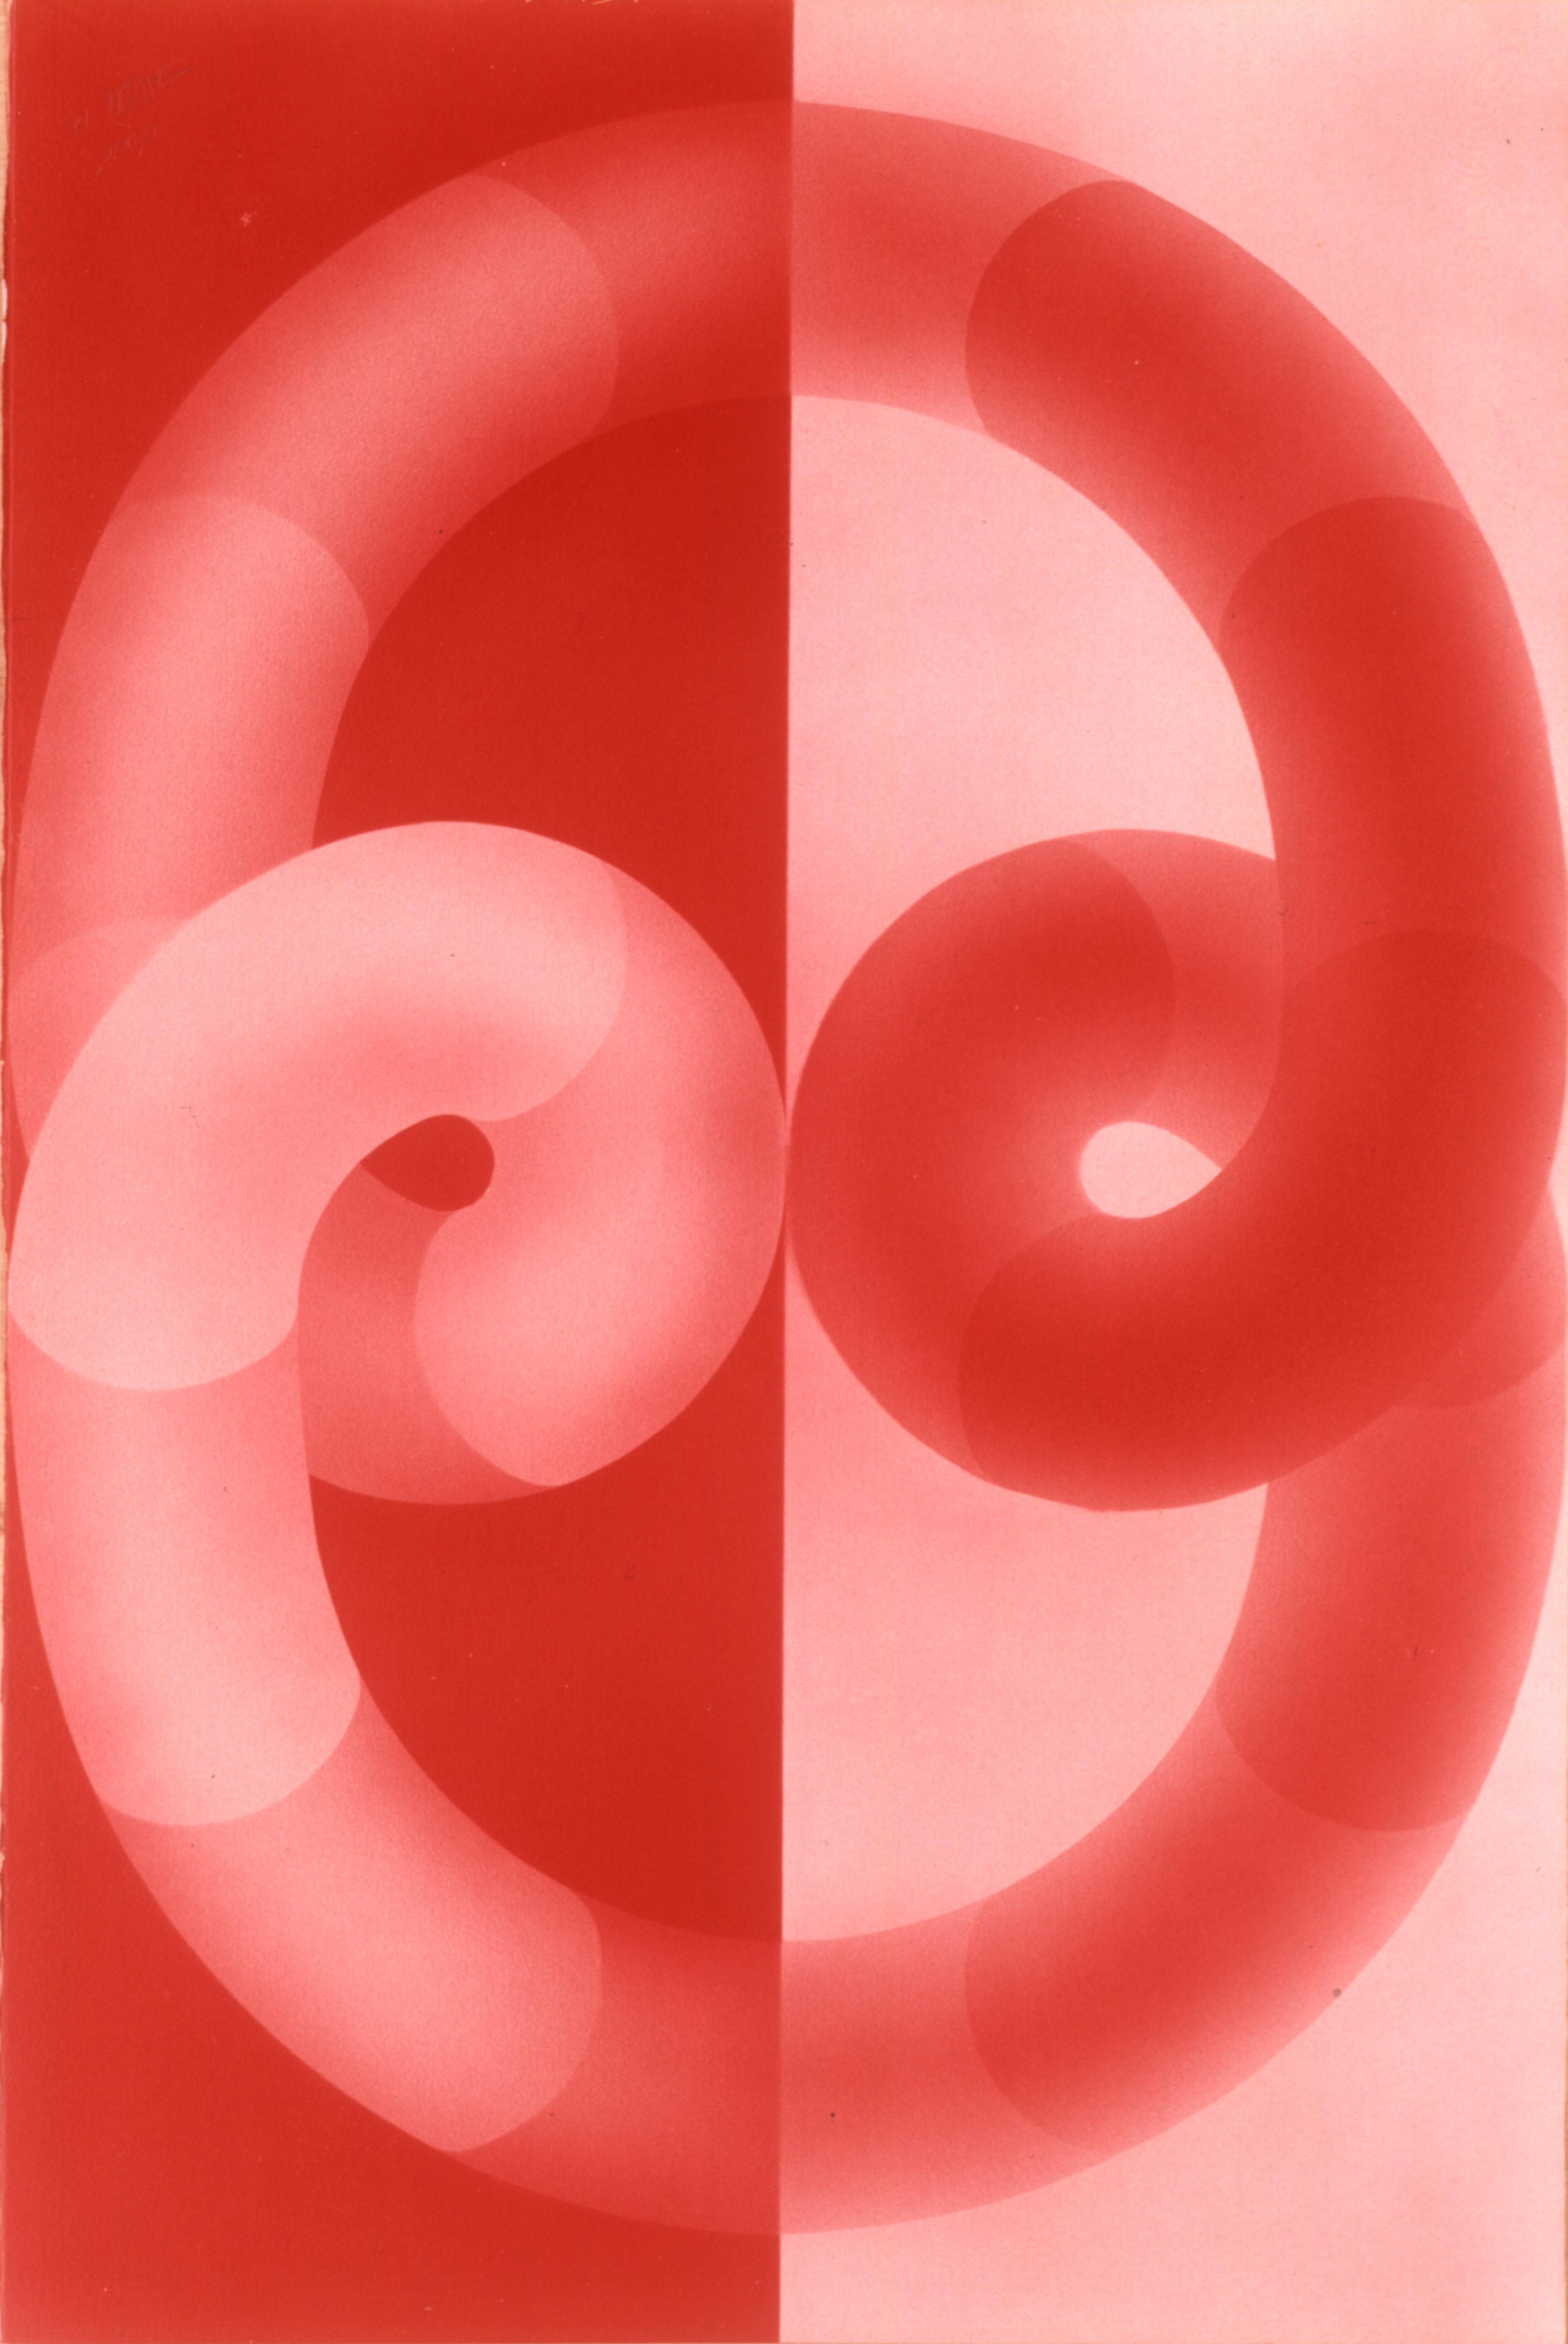 Nódulo (tubos vermelhos) Autor: Savério Castellano Ano: 1972  Técnica: Aerografia  Dimensões: 104cm x 70cm